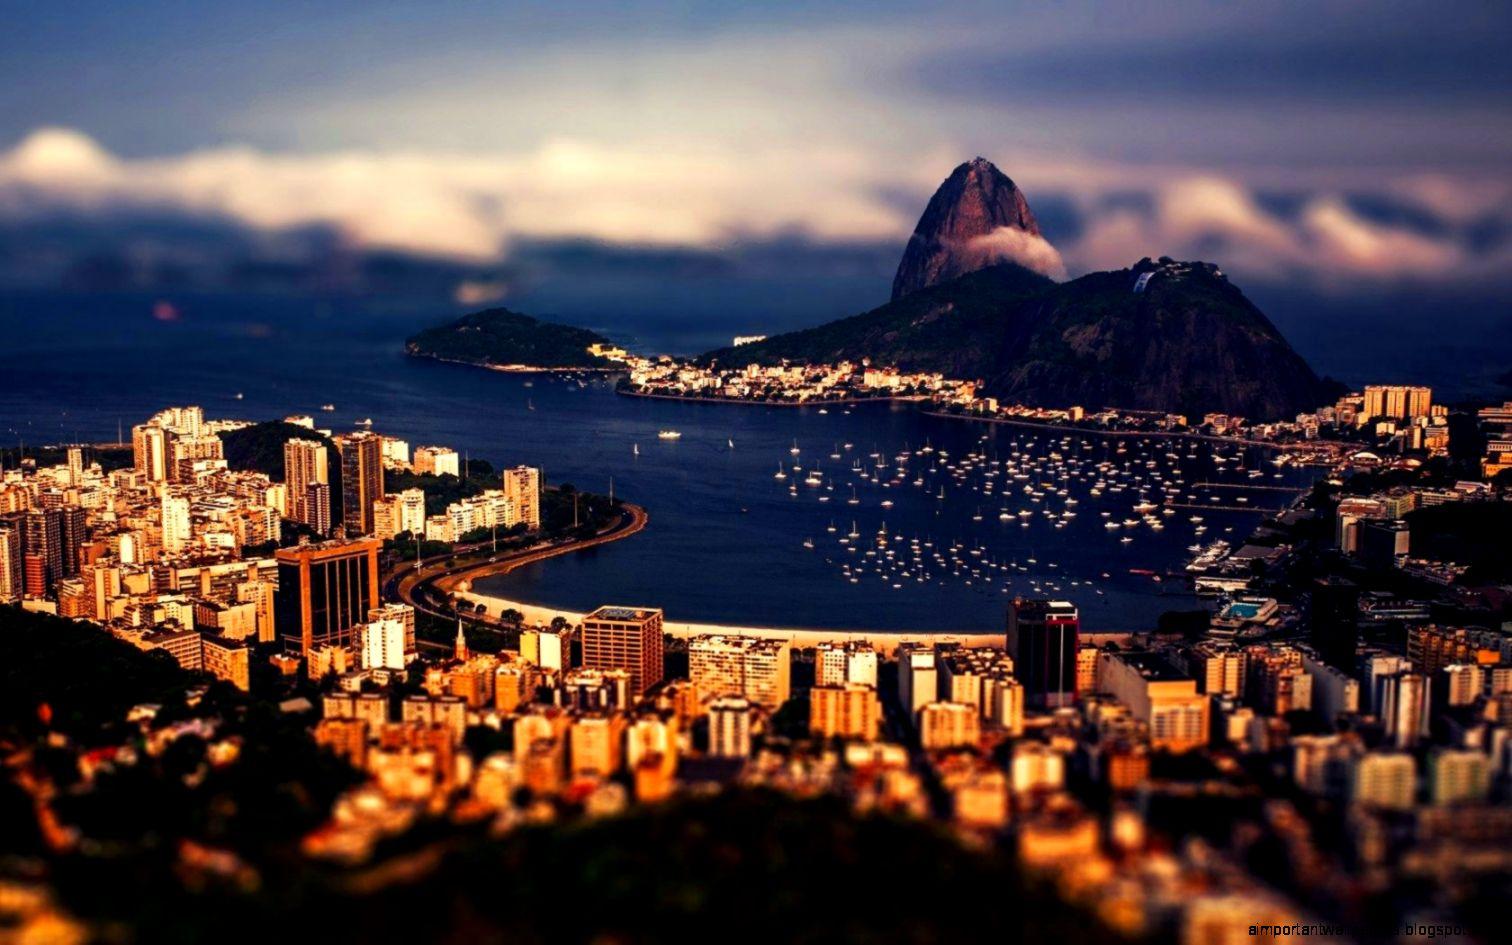 Christ The Redeemer Hd Wallpaper Landscape Wallpapers Tatue Jesus Rio De Janeiro Brazil Hd